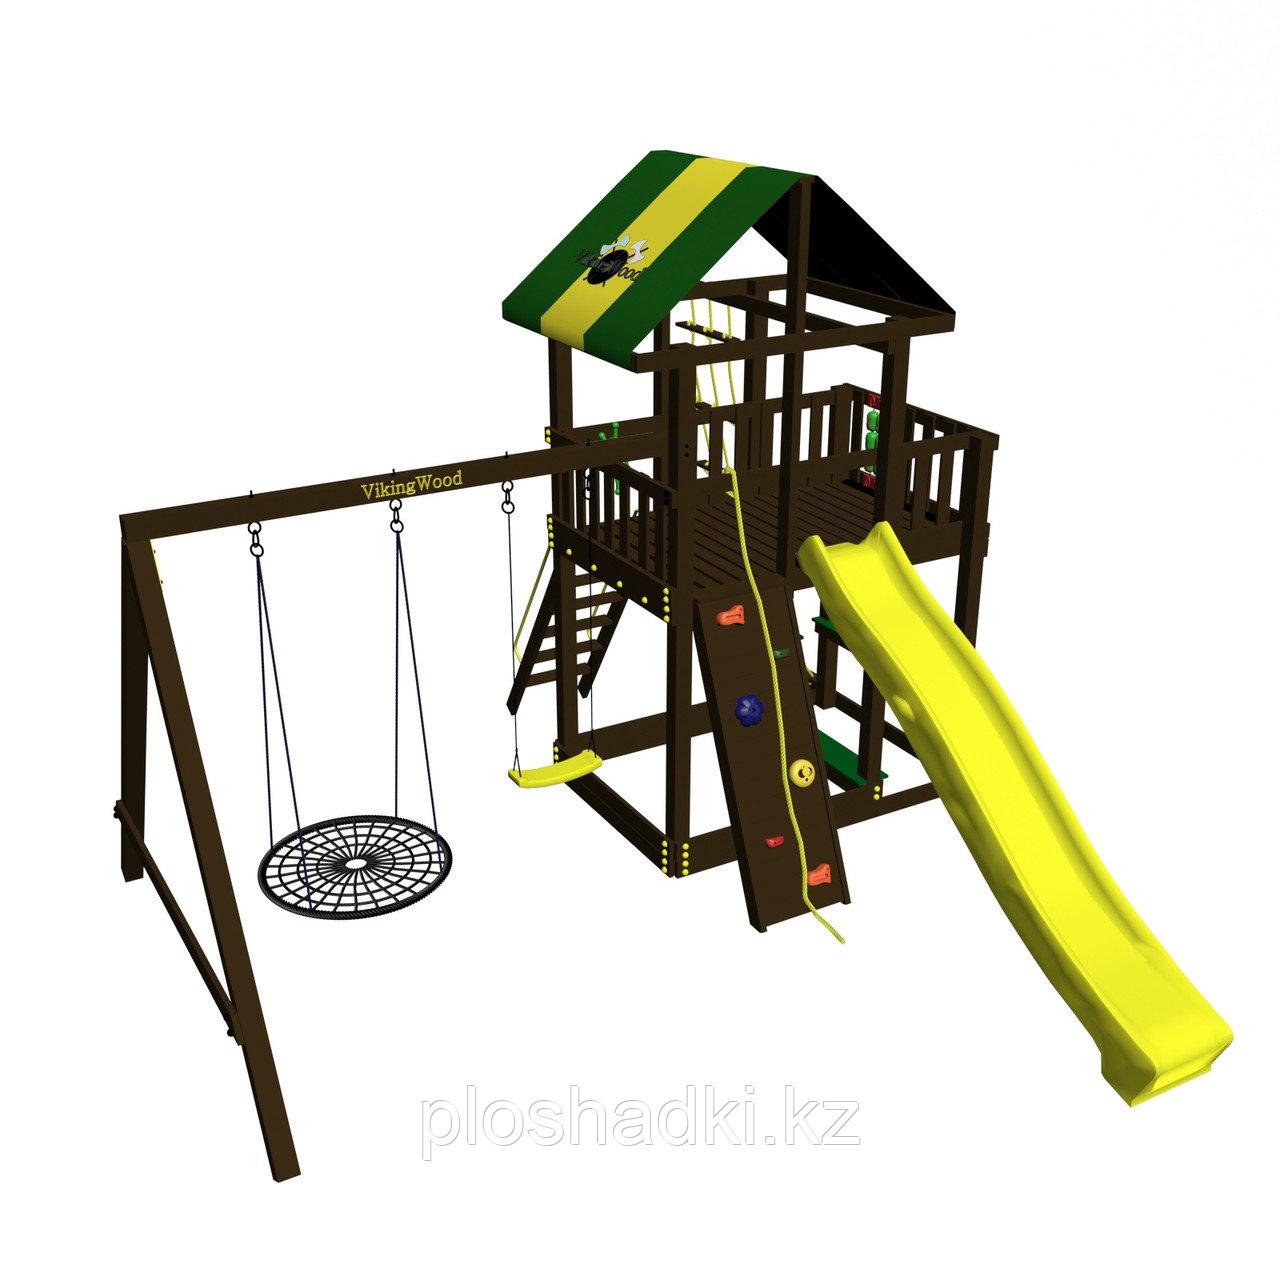 """Игровой комплекс """"Сиело с кольцом"""", цветная крыша, лестница из дерева, канатная сетка, качели 2, горка"""